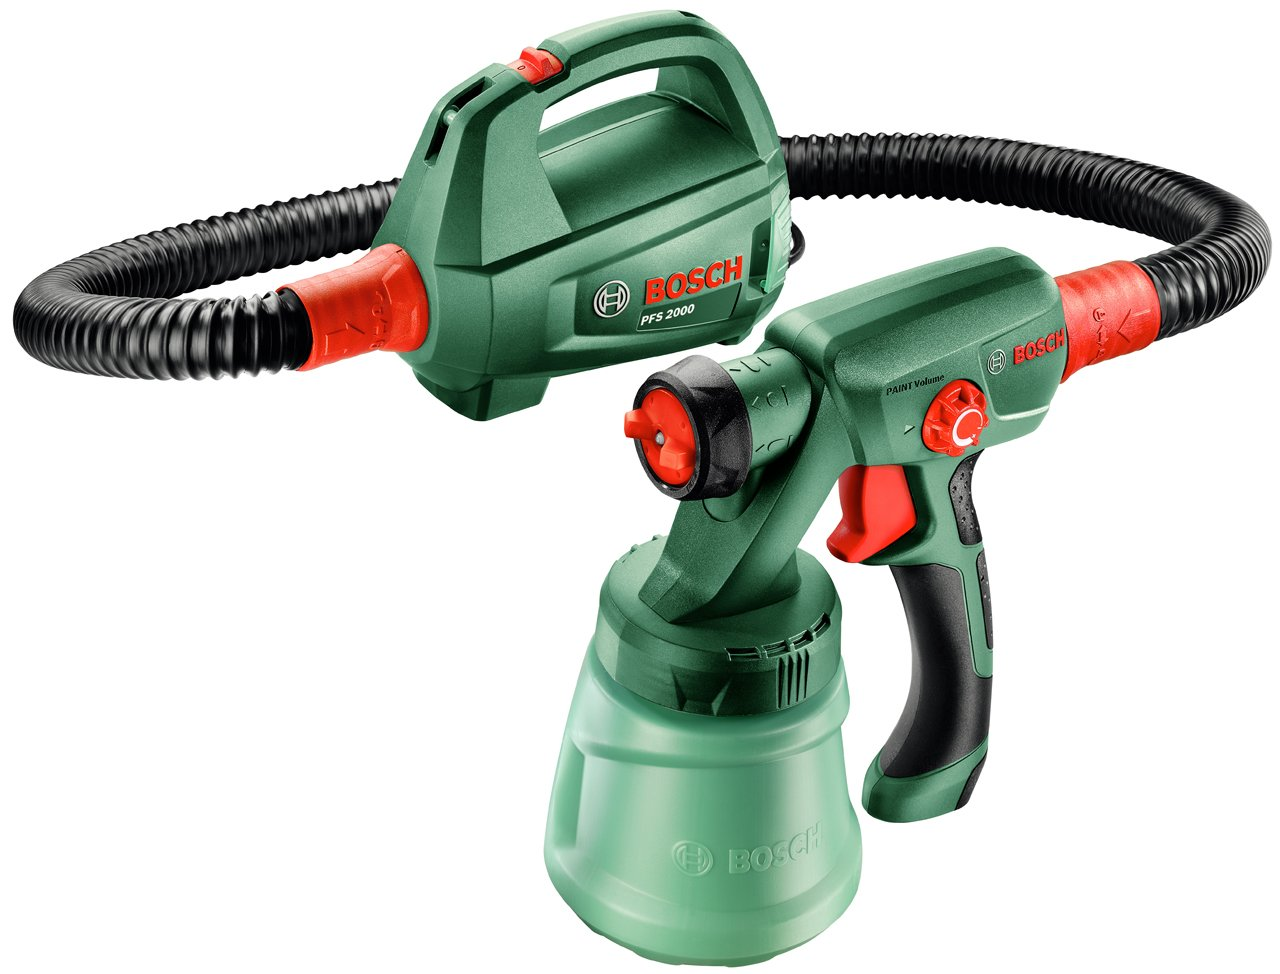 Pistola de pulverización de pintura Bosch PFS 2000 por solo 85,50€